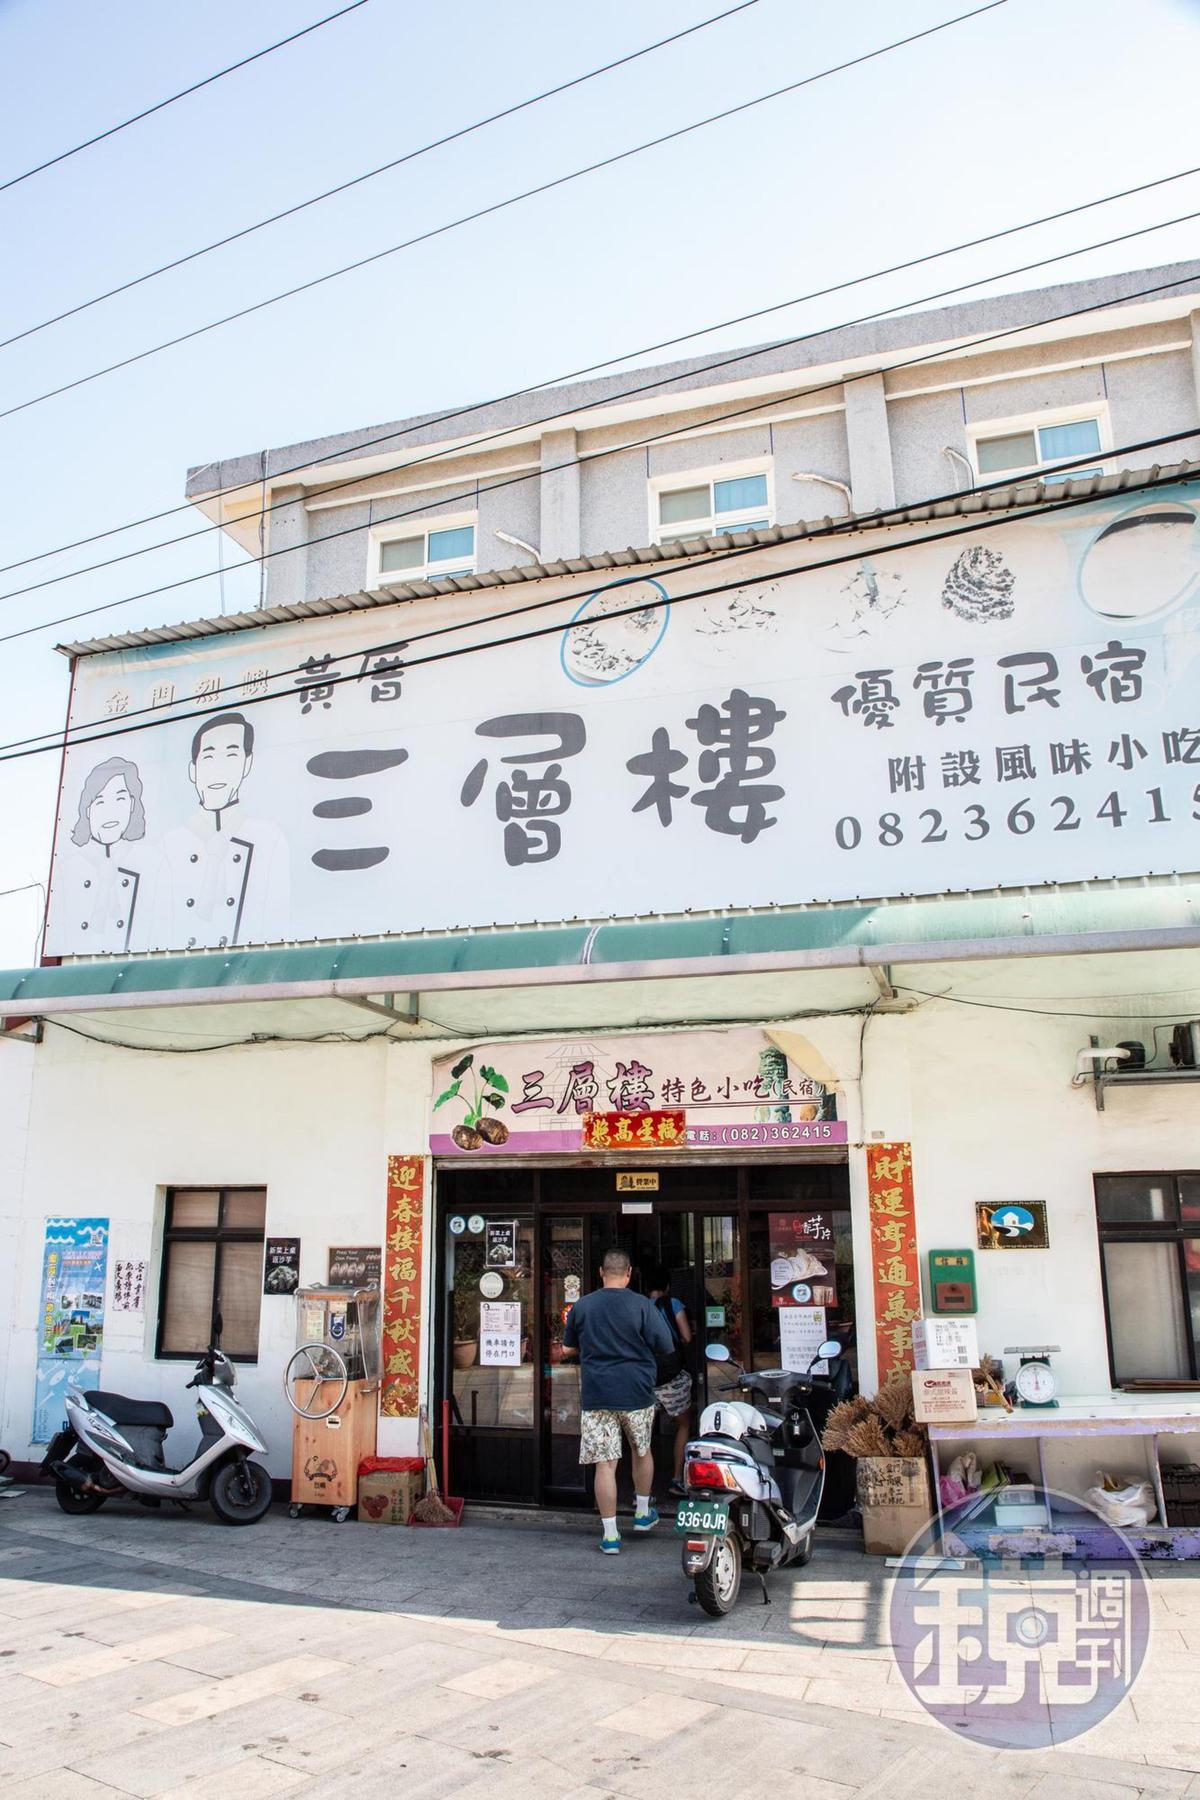 除了賣芋頭全餐,店家也經營民宿,讓旅人留宿慢遊烈嶼。